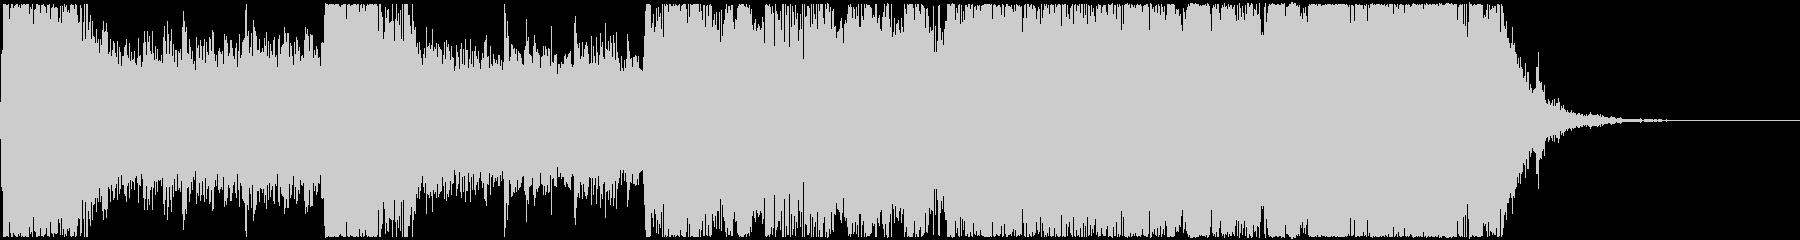 パワフルなアニソンオープニング風ジングルの未再生の波形